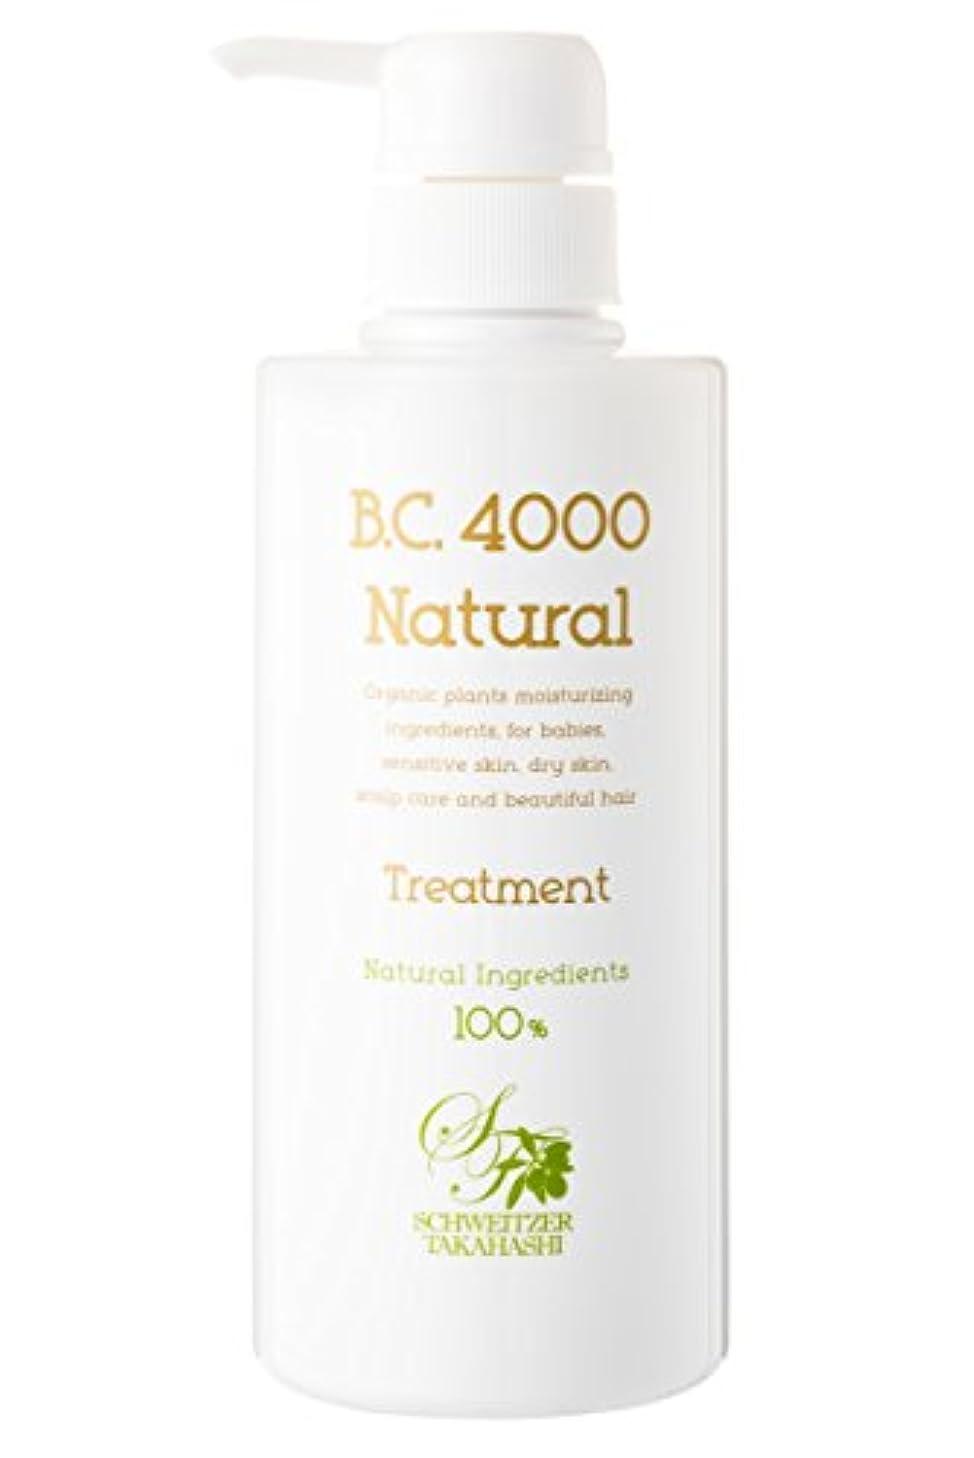 後方に最初不明瞭B.C.4000 100%天然由来 ノンシリコントリートメント ナチュラル オーガニック 植物エキス配合 (400g)